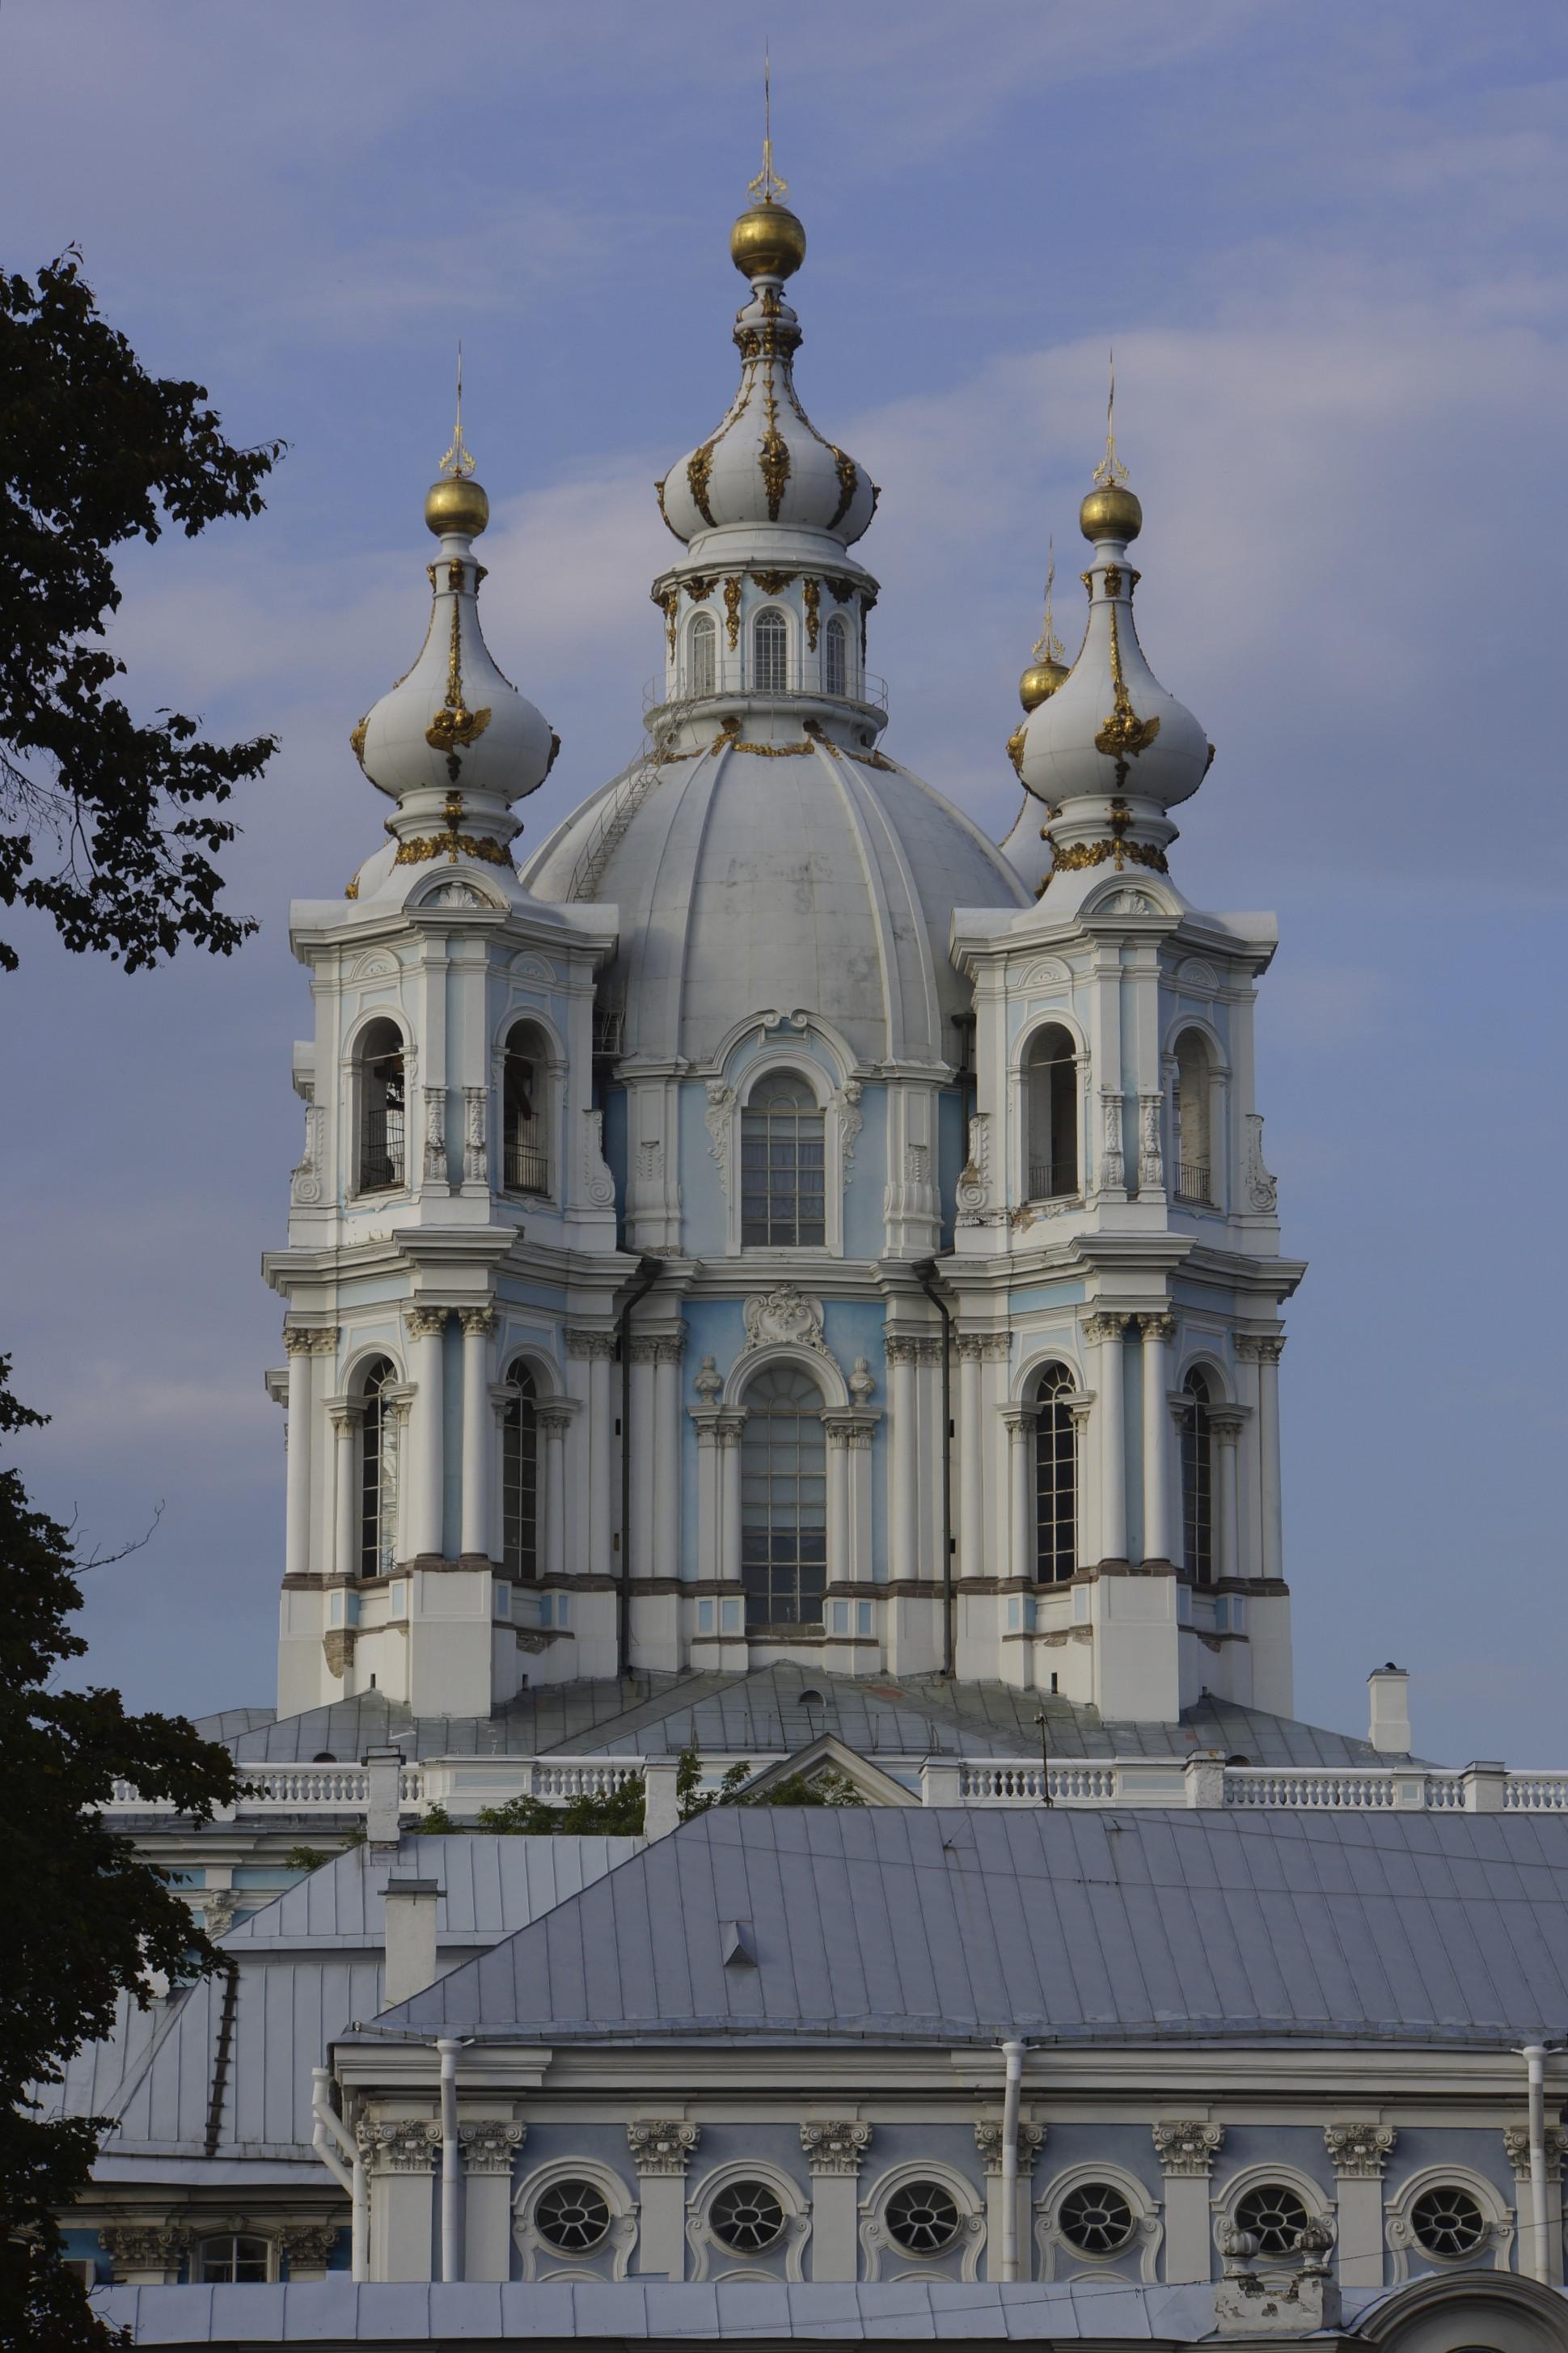 9-25-2012 Russia 6642 - Version 2